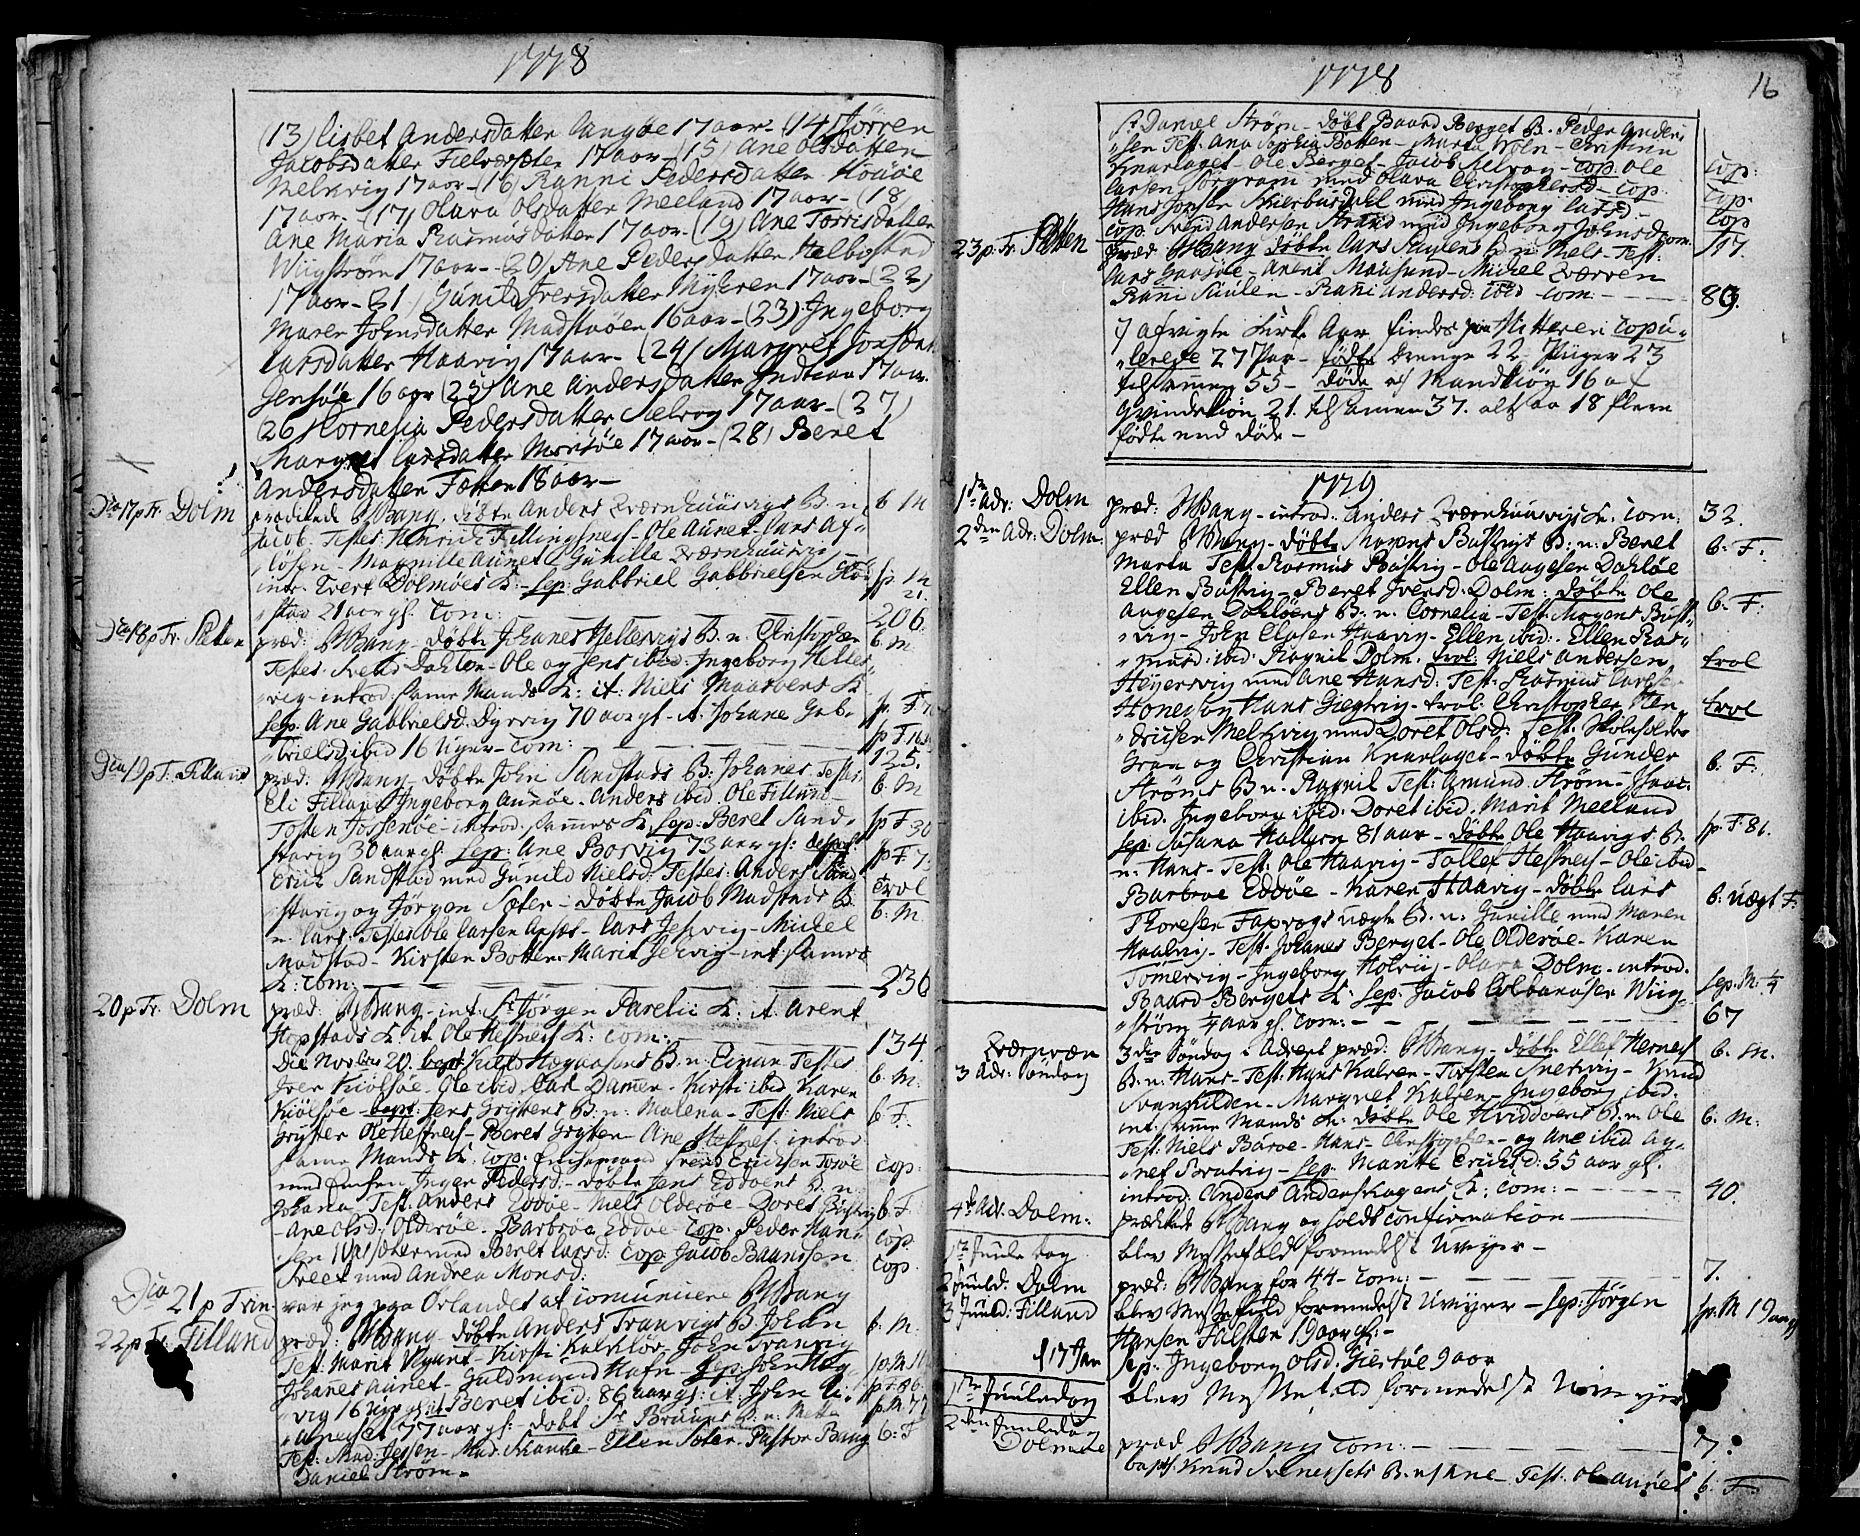 SAT, Ministerialprotokoller, klokkerbøker og fødselsregistre - Sør-Trøndelag, 634/L0526: Ministerialbok nr. 634A02, 1775-1818, s. 16